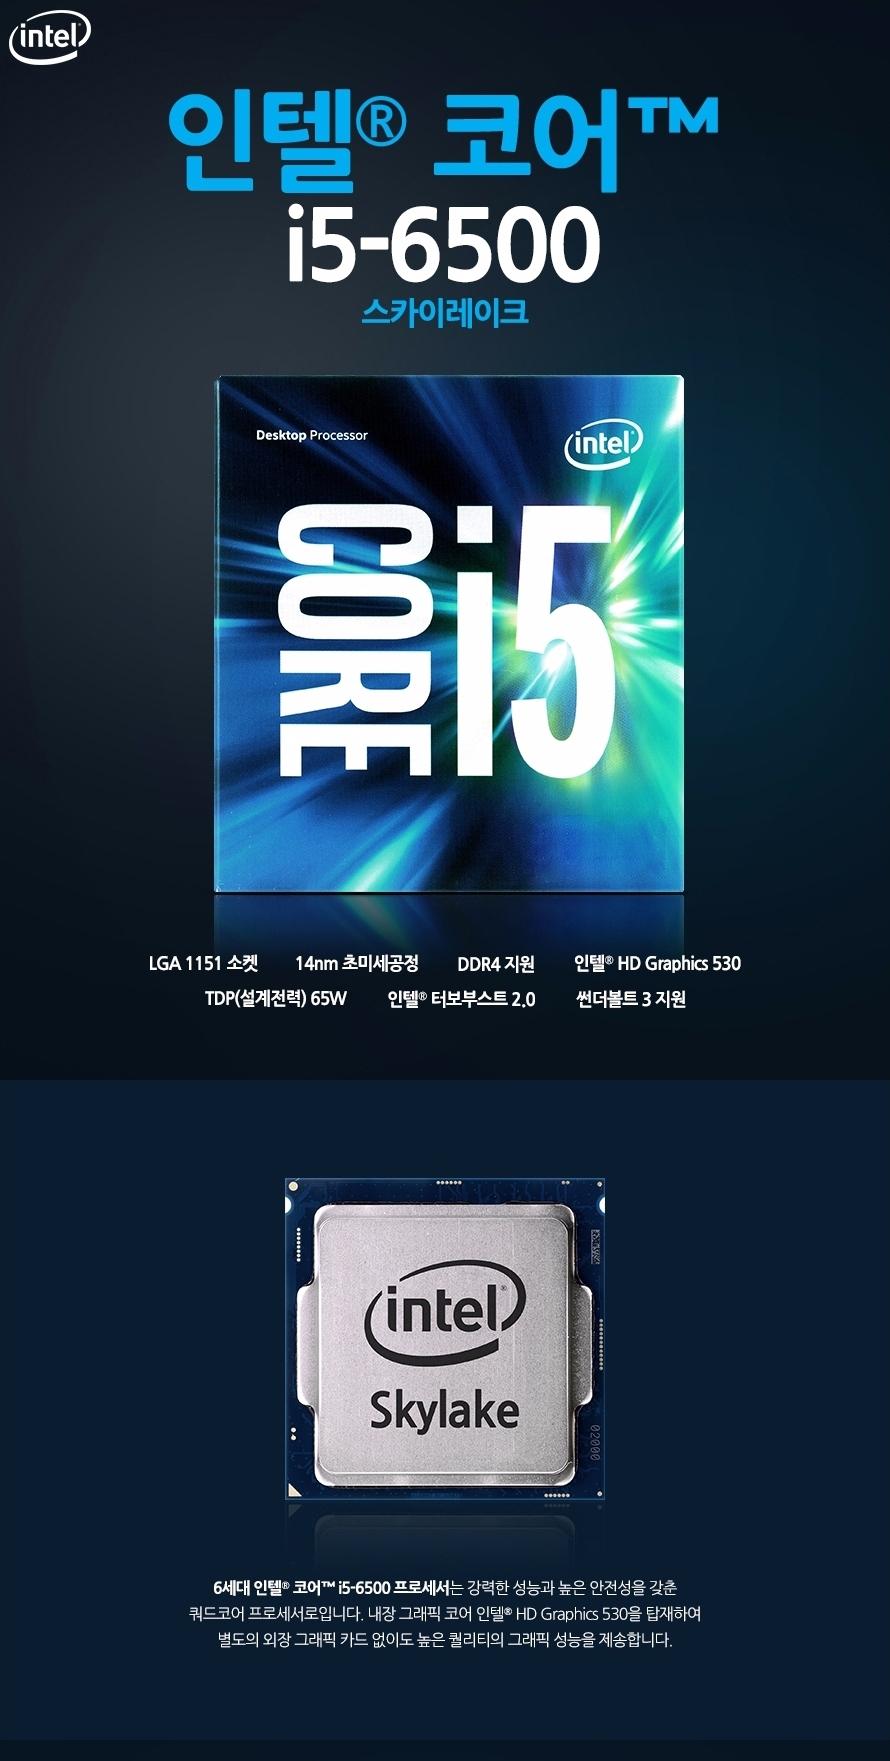 인텔 코어i5-6세대 6500 (스카이레이크)LGA 1151 소켓14nm 초미세공정DDR4 지원인텔 HD Graphics 530 TDP(설계전력) 65W인텔 터보부스트 2.0썬더볼트 3 지원6세대 인텔 코어 i5-6500 프로세서는 강력한 성능과 높은 안전성을 갖춘 쿼드코어 프로세서로입니다. 내장 그래픽 코어 인텔 HD Graphics 530을 탑재하여 별도의 외장 그래픽 카드 없이도 높은 퀄리티의 그래픽 성능을 제송합니다.